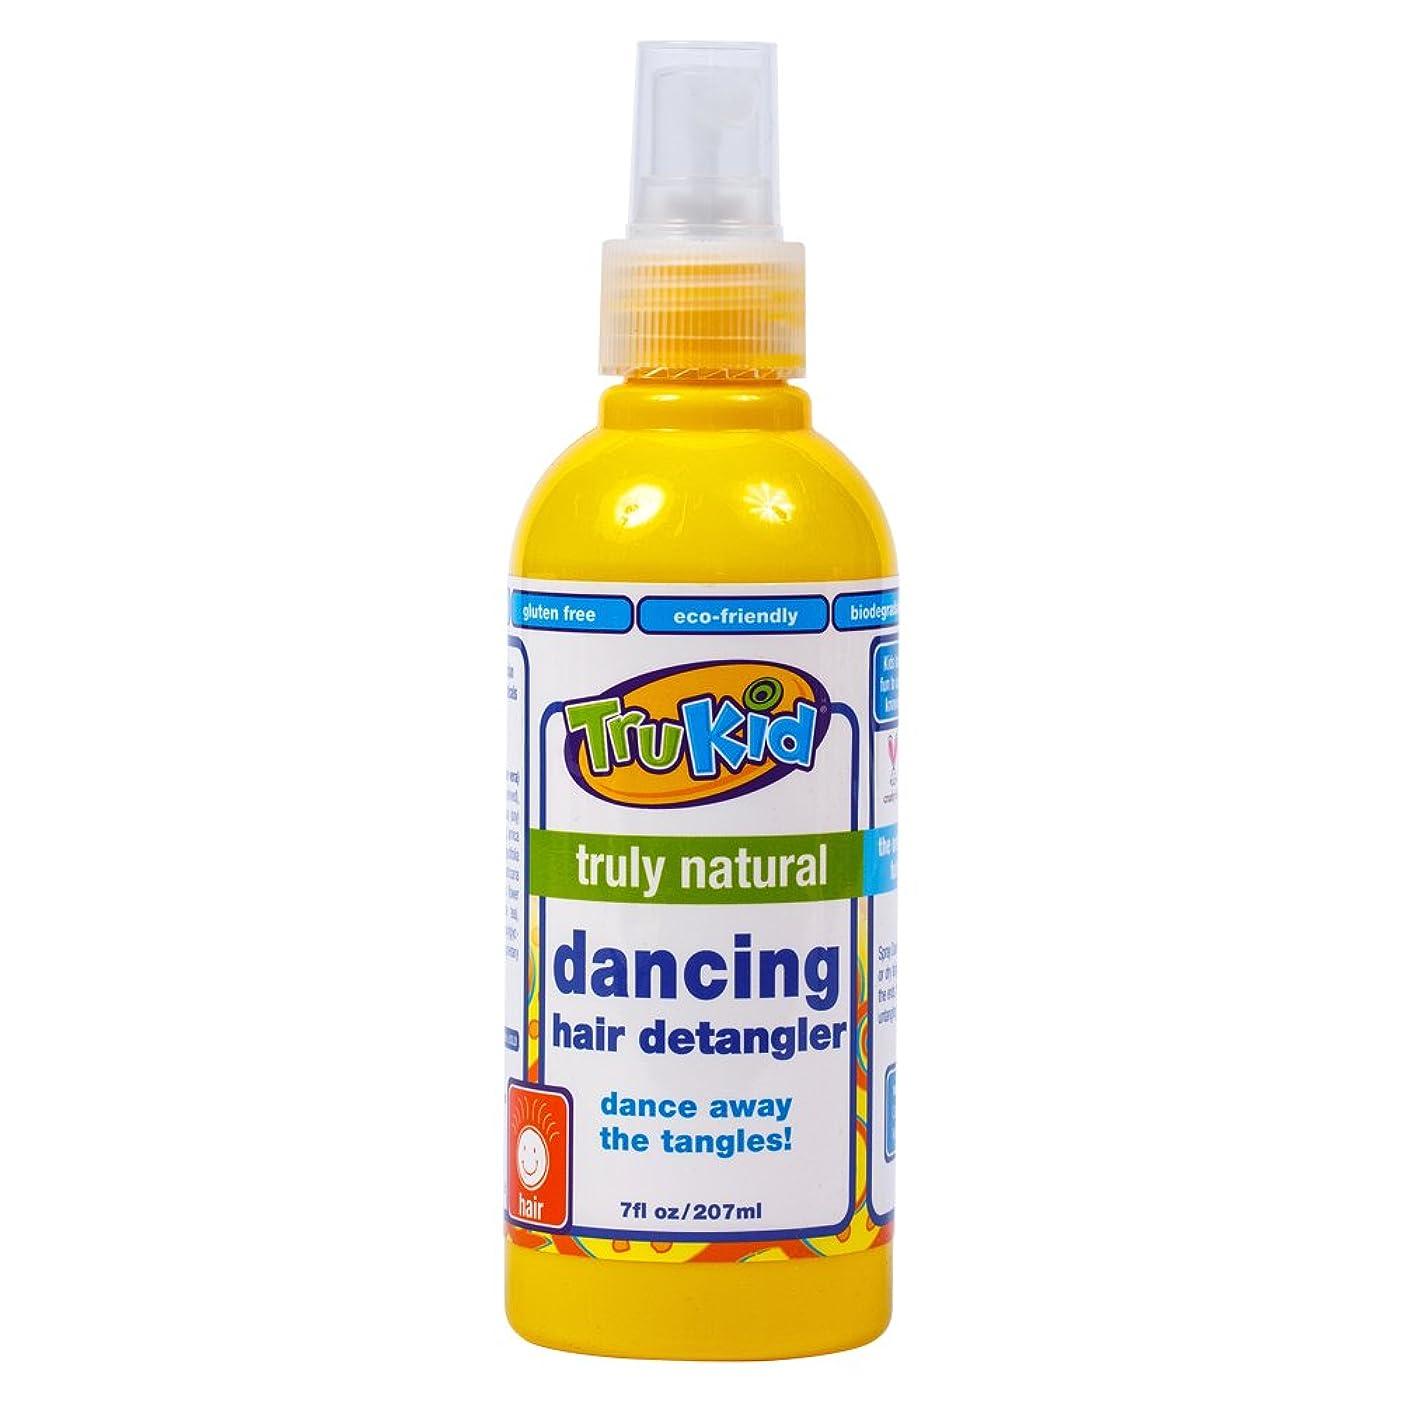 アンティーク検出器火TruKid, Dancing Hair Detangler, 7 fl oz (207 ml)